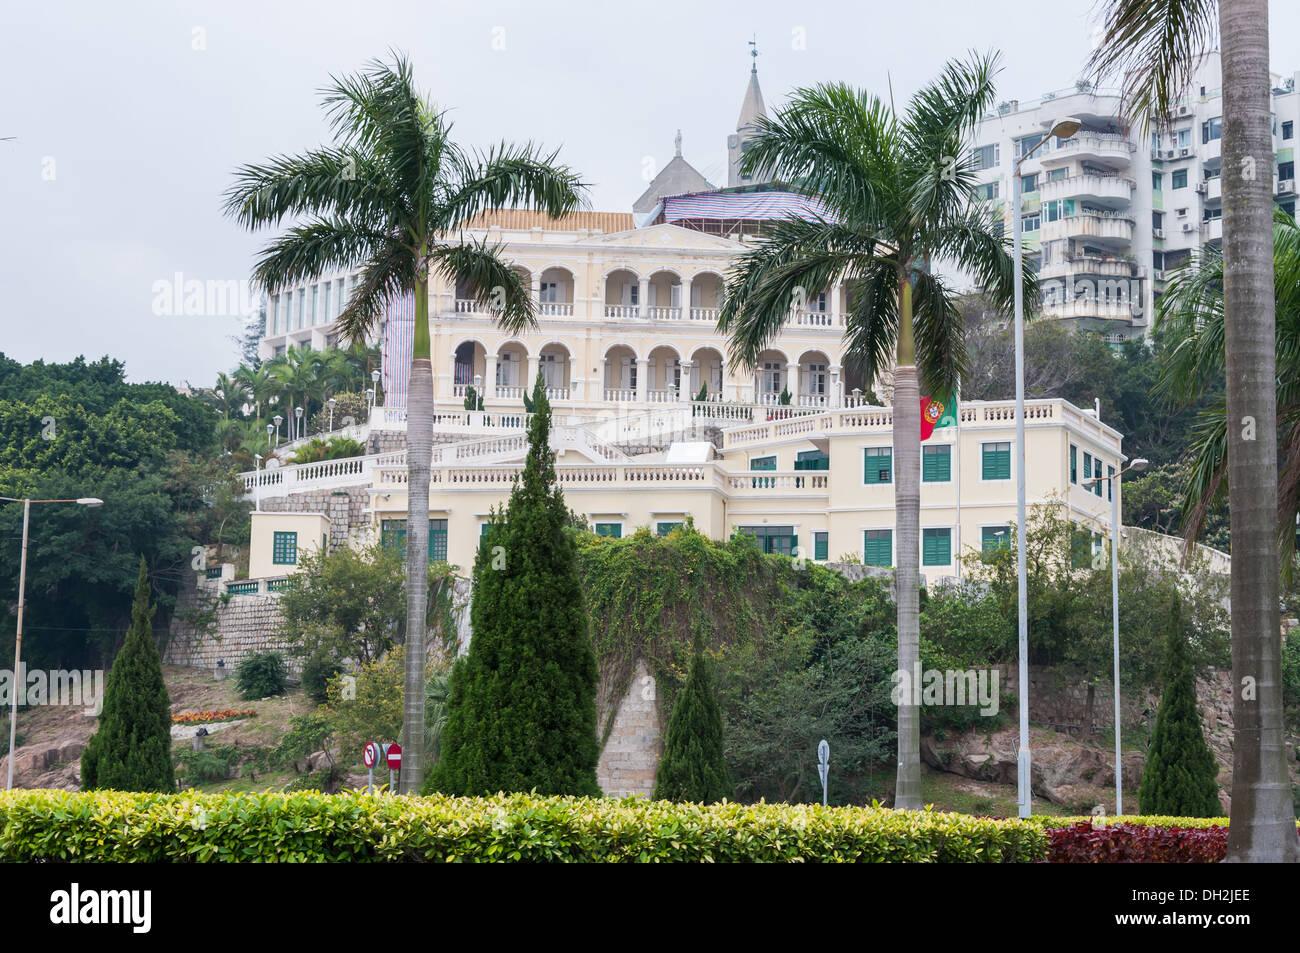 L'architecture portugaise à Macao, Chine. Photo Stock